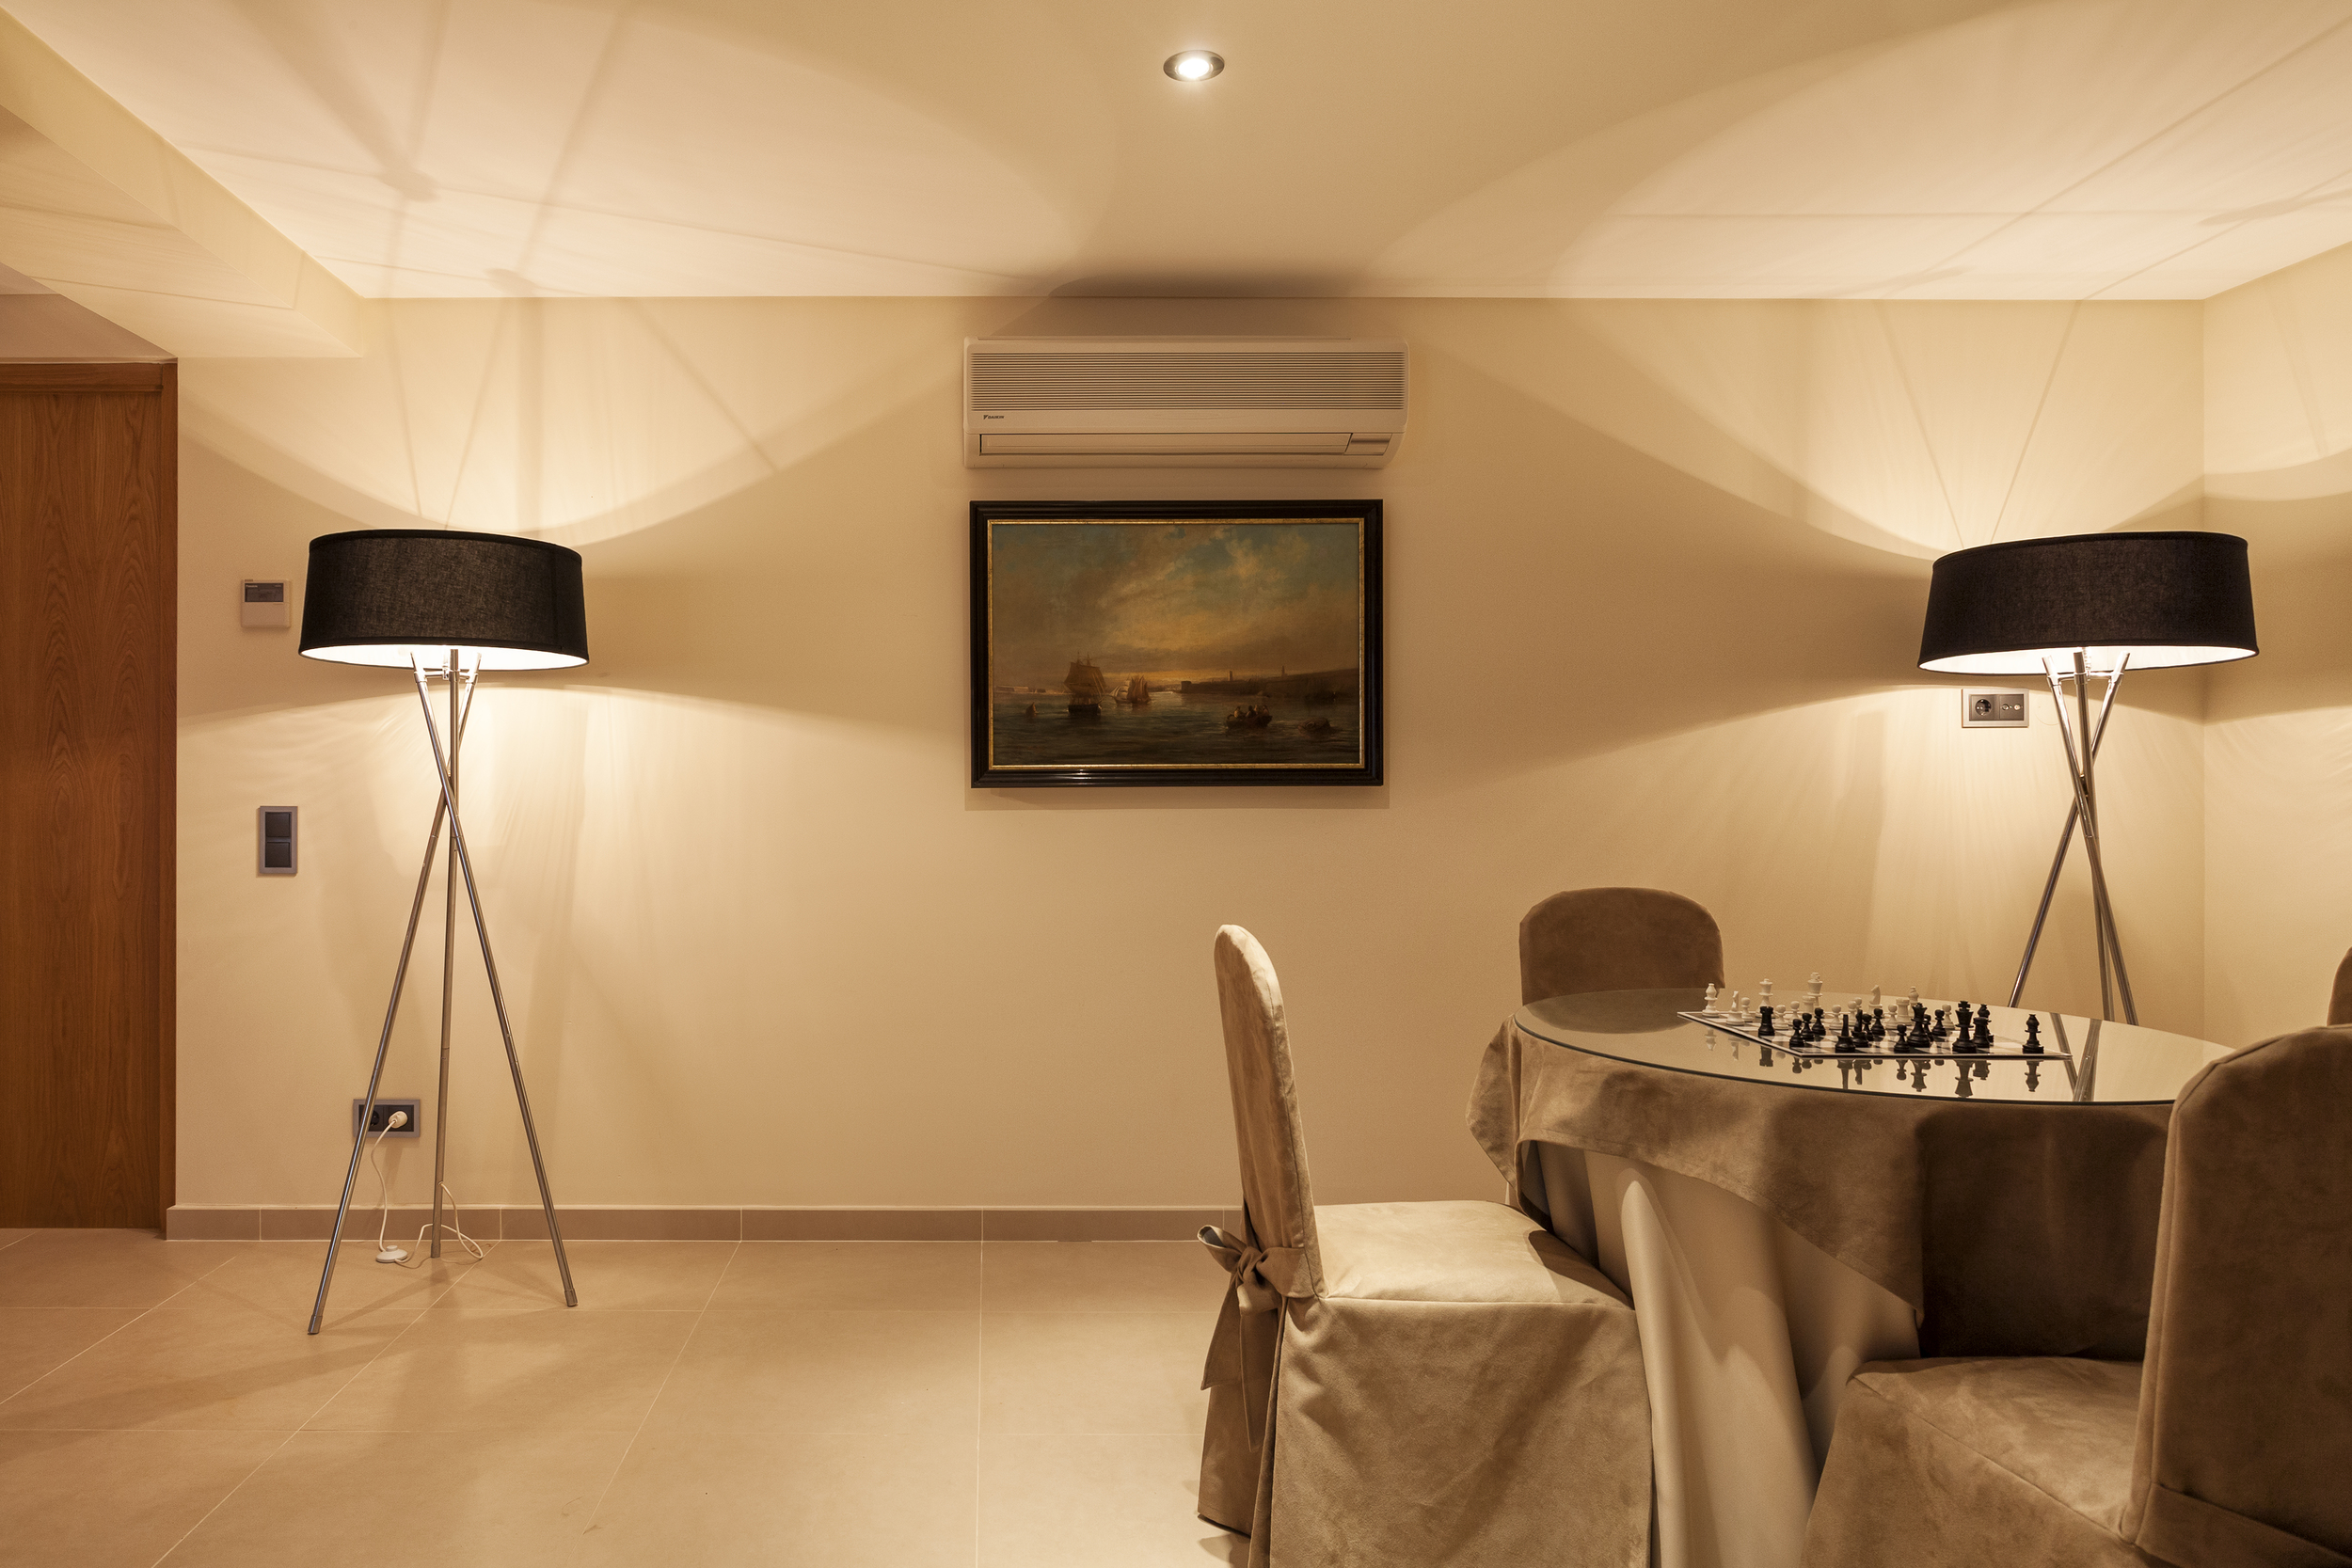 4 bedroom villa to rent in Quinta do Lago, RLV, Villa Serpentine,22.jpg